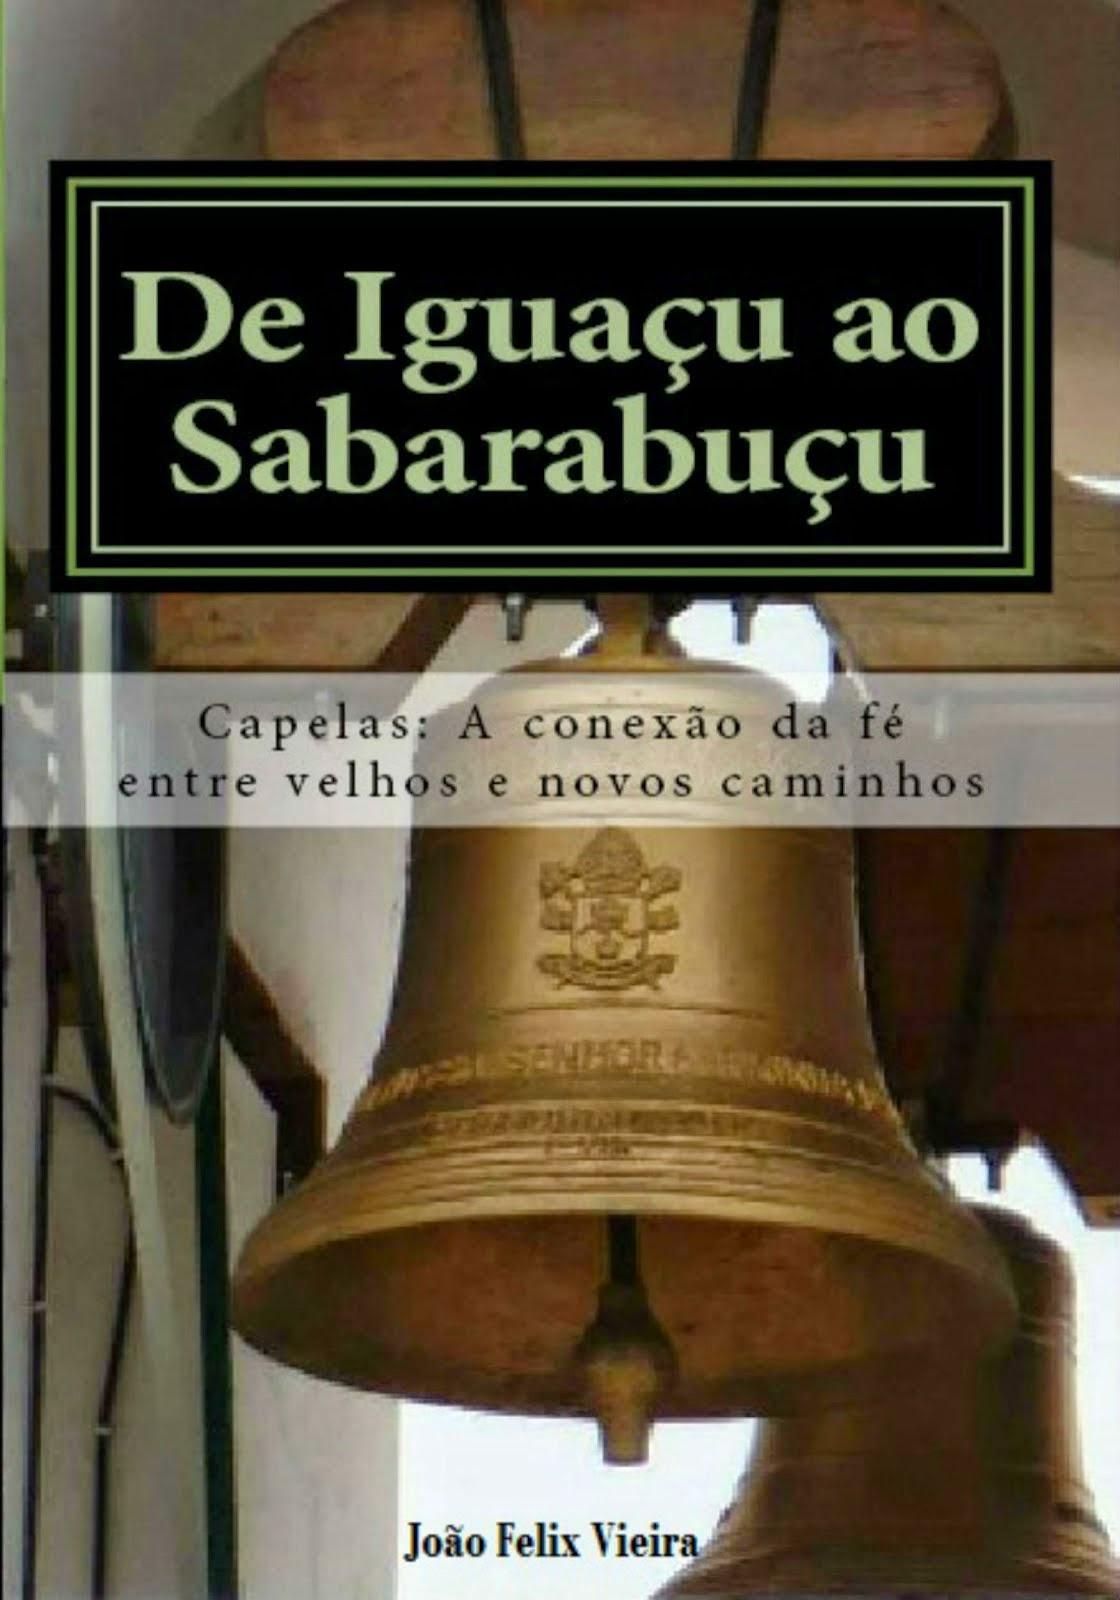 Livro: De Iguaçu ao Sabarabuçu - Capelas: A conexão da fé entre velhos e novos caminhos